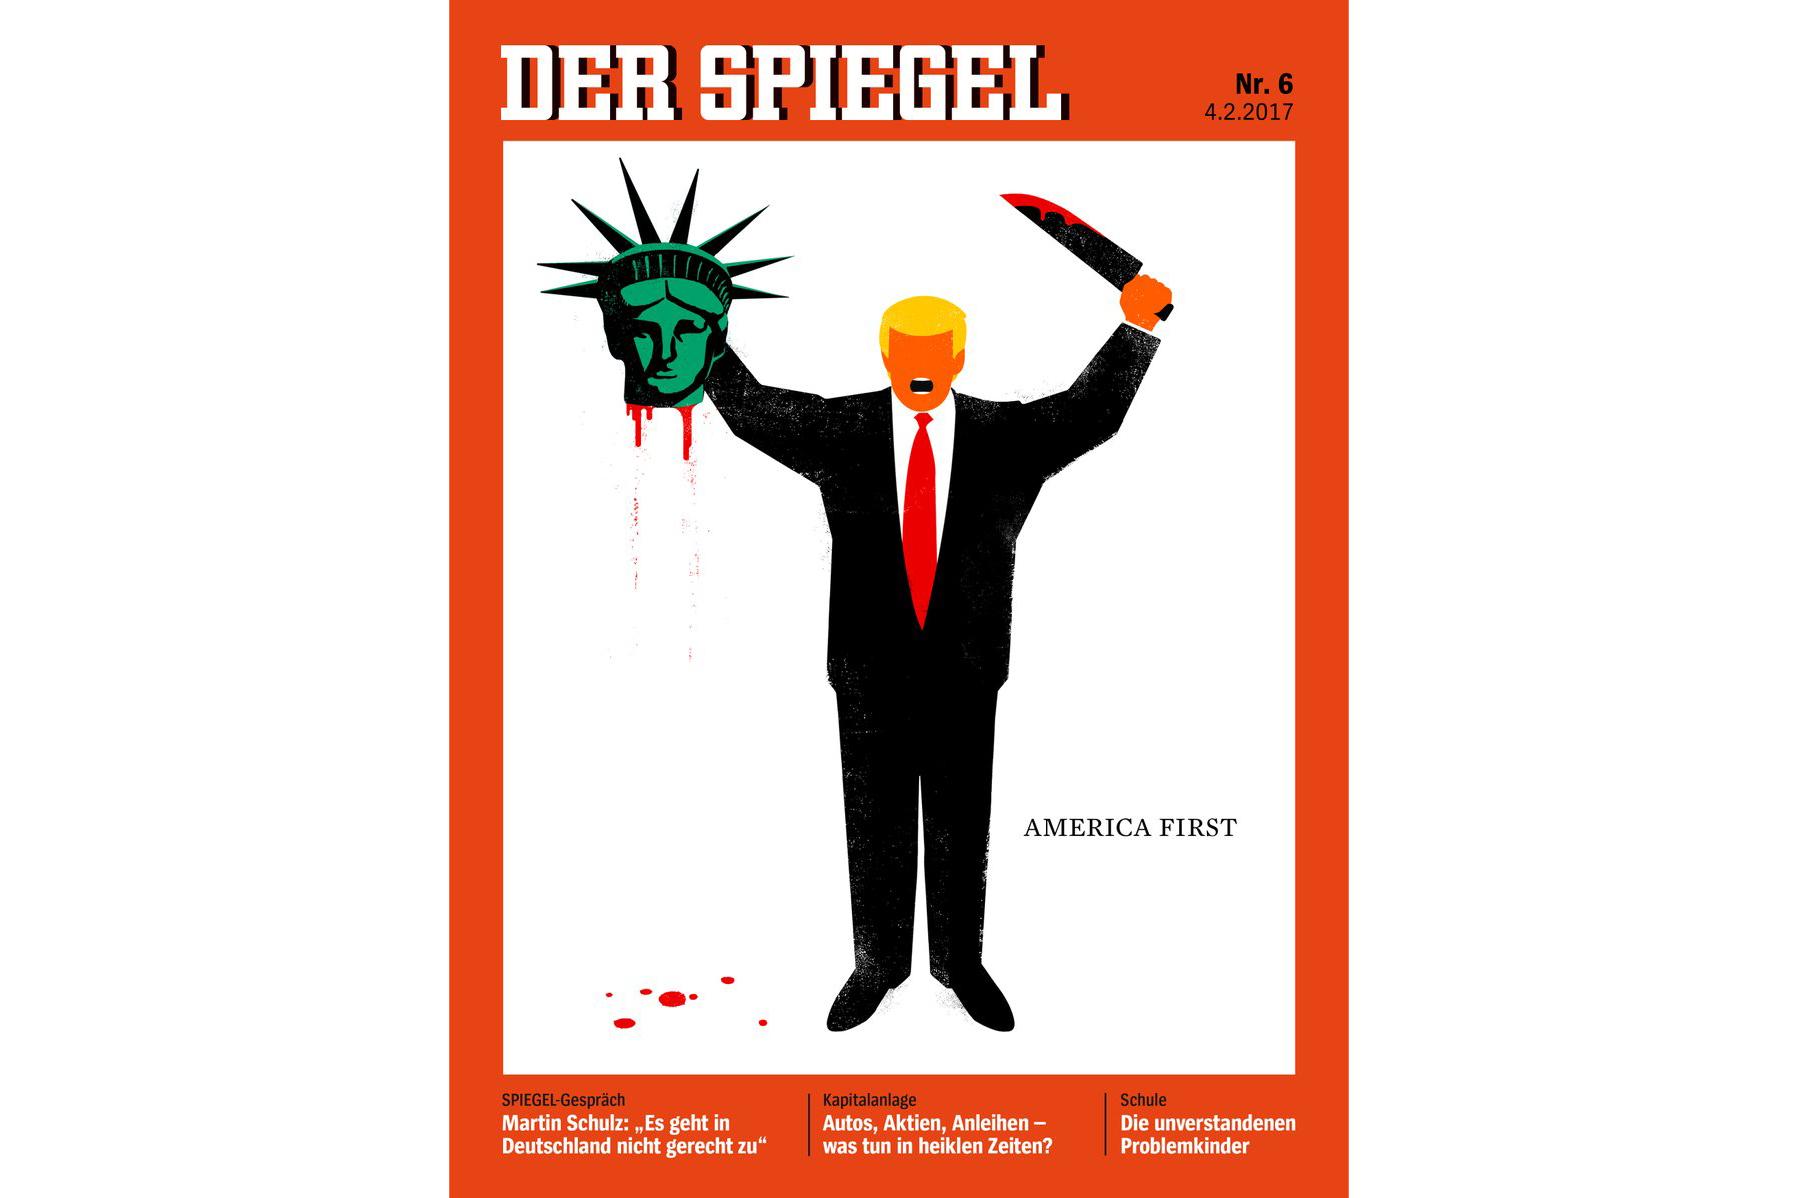 Trump Der Spiegel cover